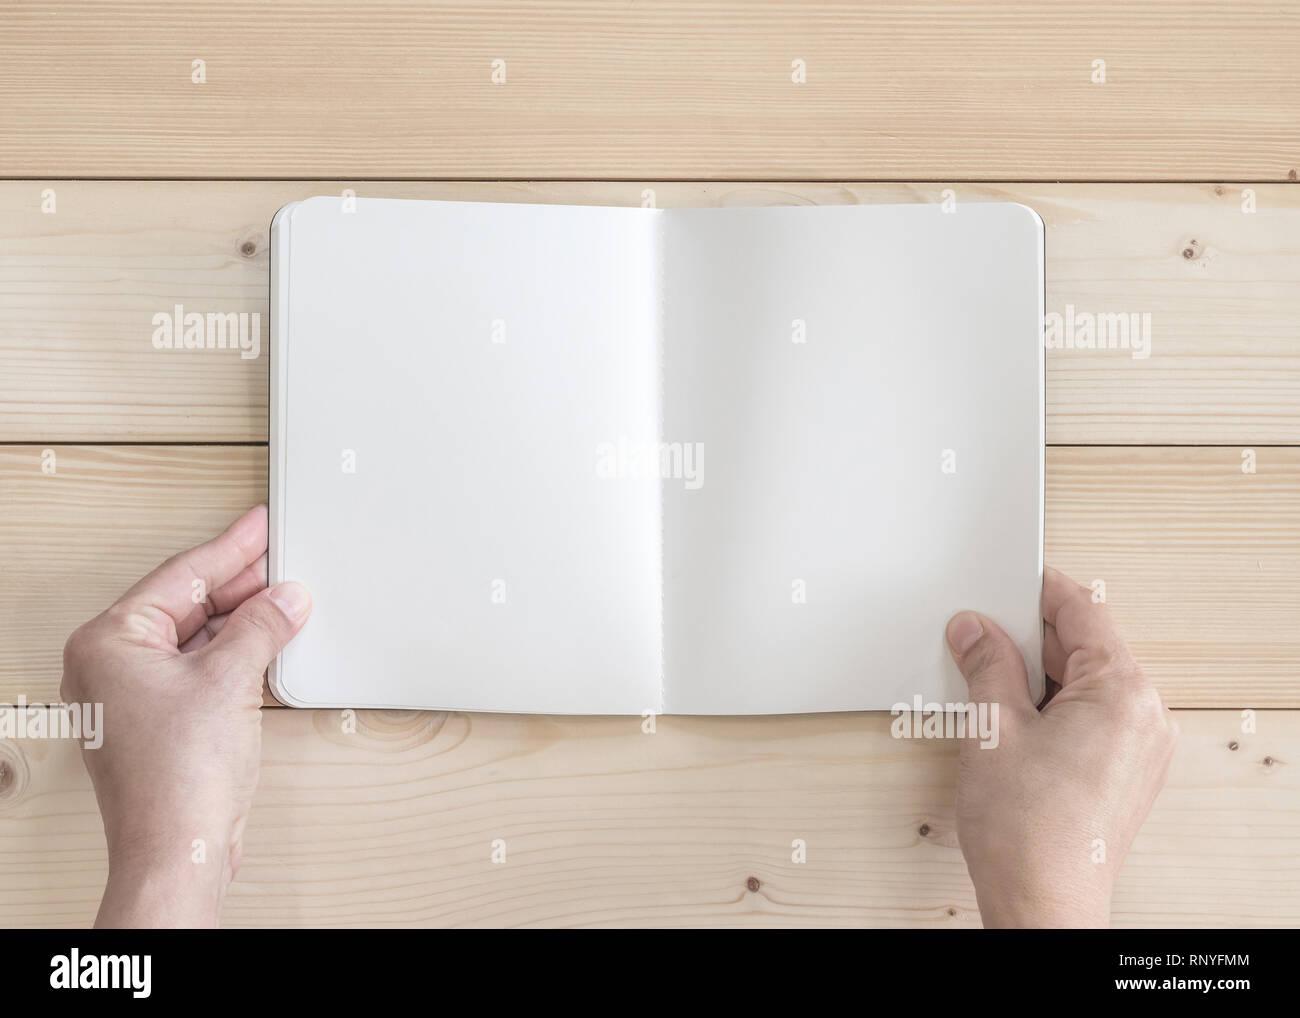 Vide poche ouverte livre maquette, catalogue des revues, ou note modèle avec texture papier copyspace dans les mains sur la table en bois de pin blanc Photo Stock